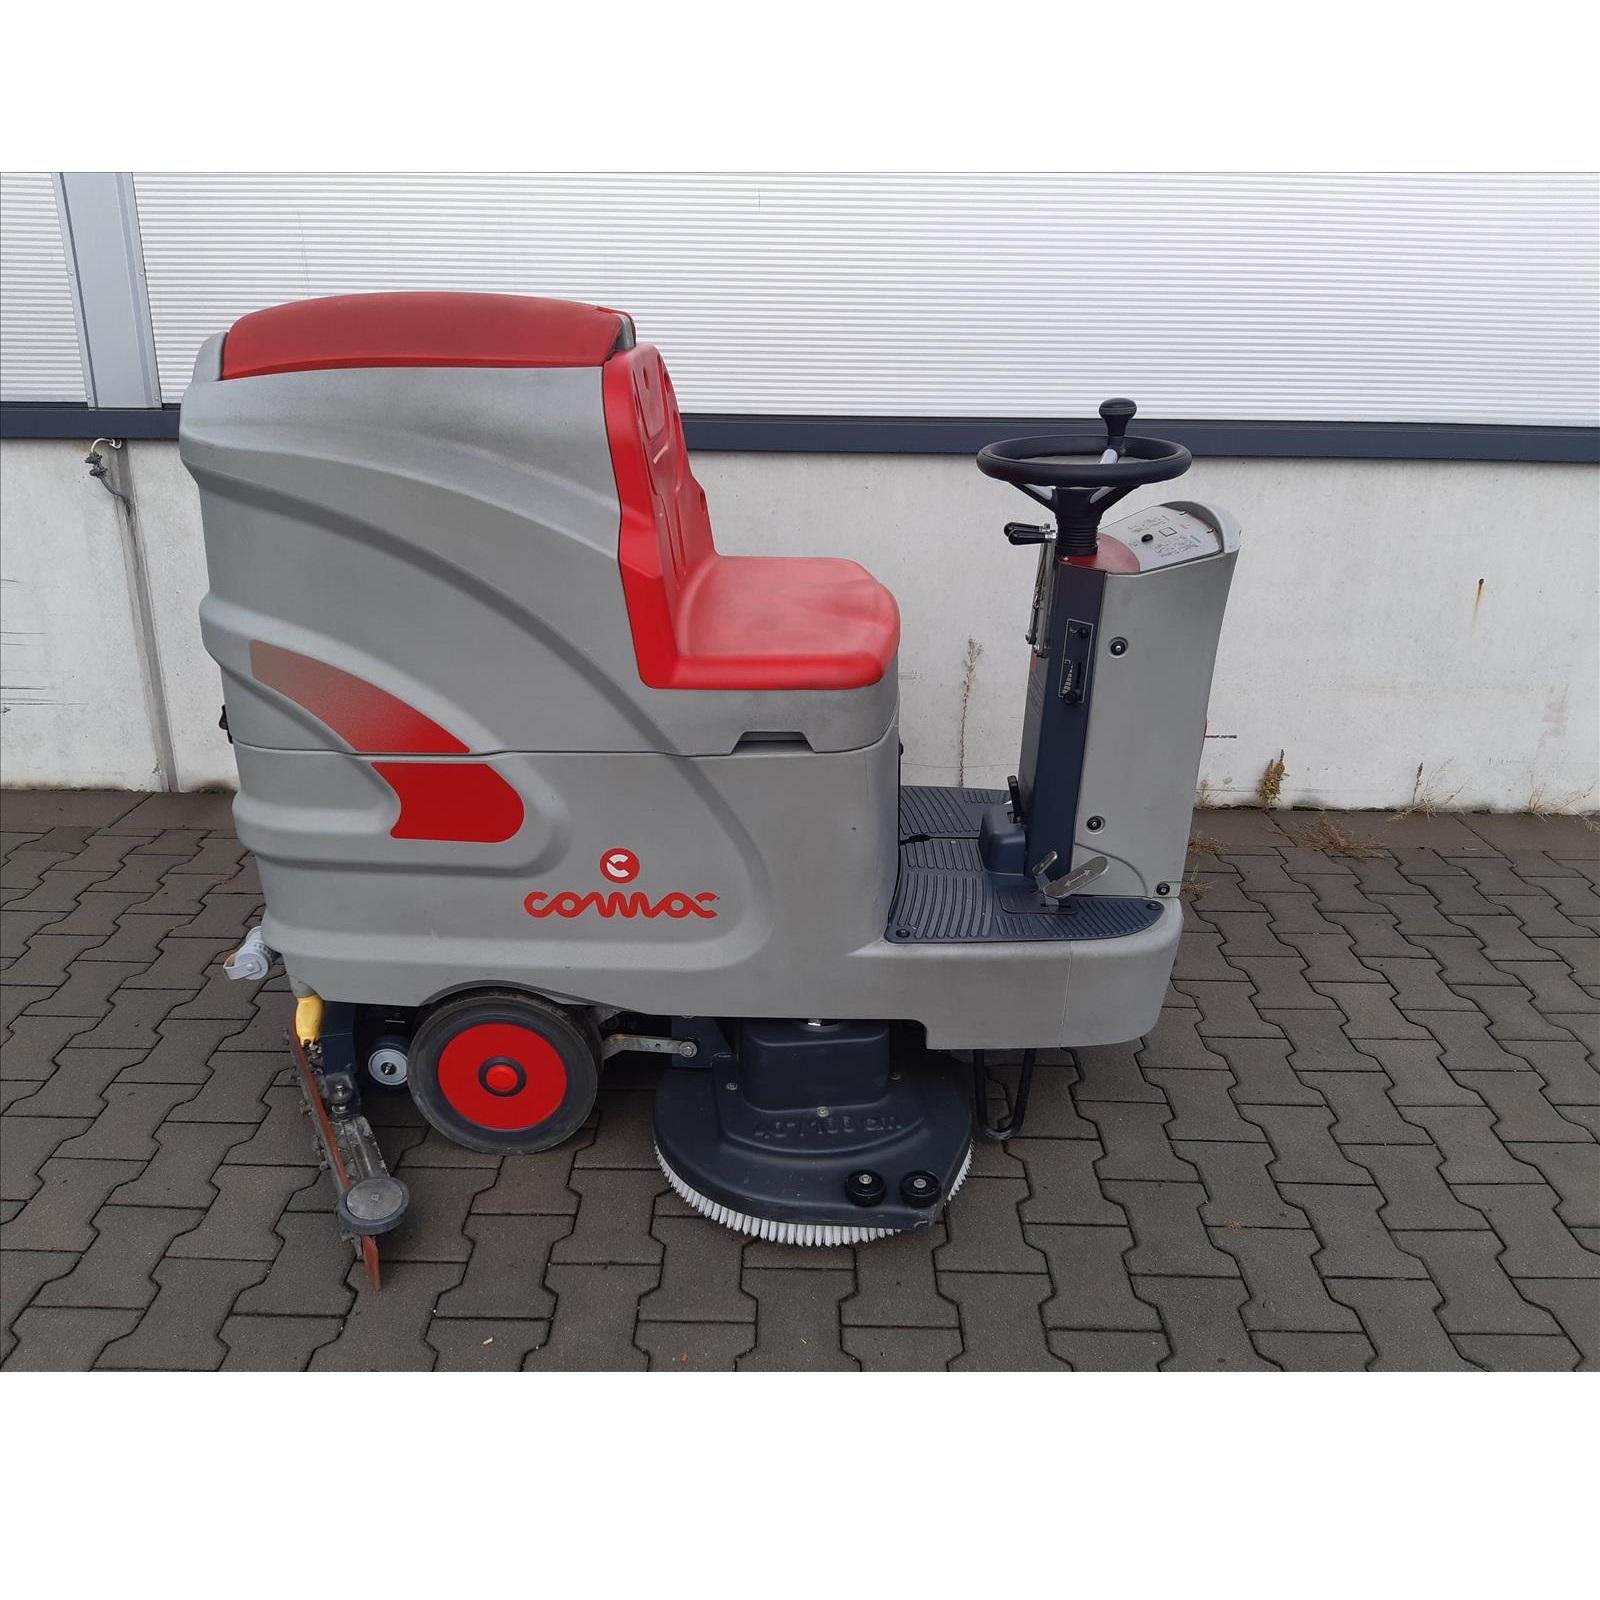 Repasovaný podlahový mycí stroj COMAC INNOVA 75B včetně záruky